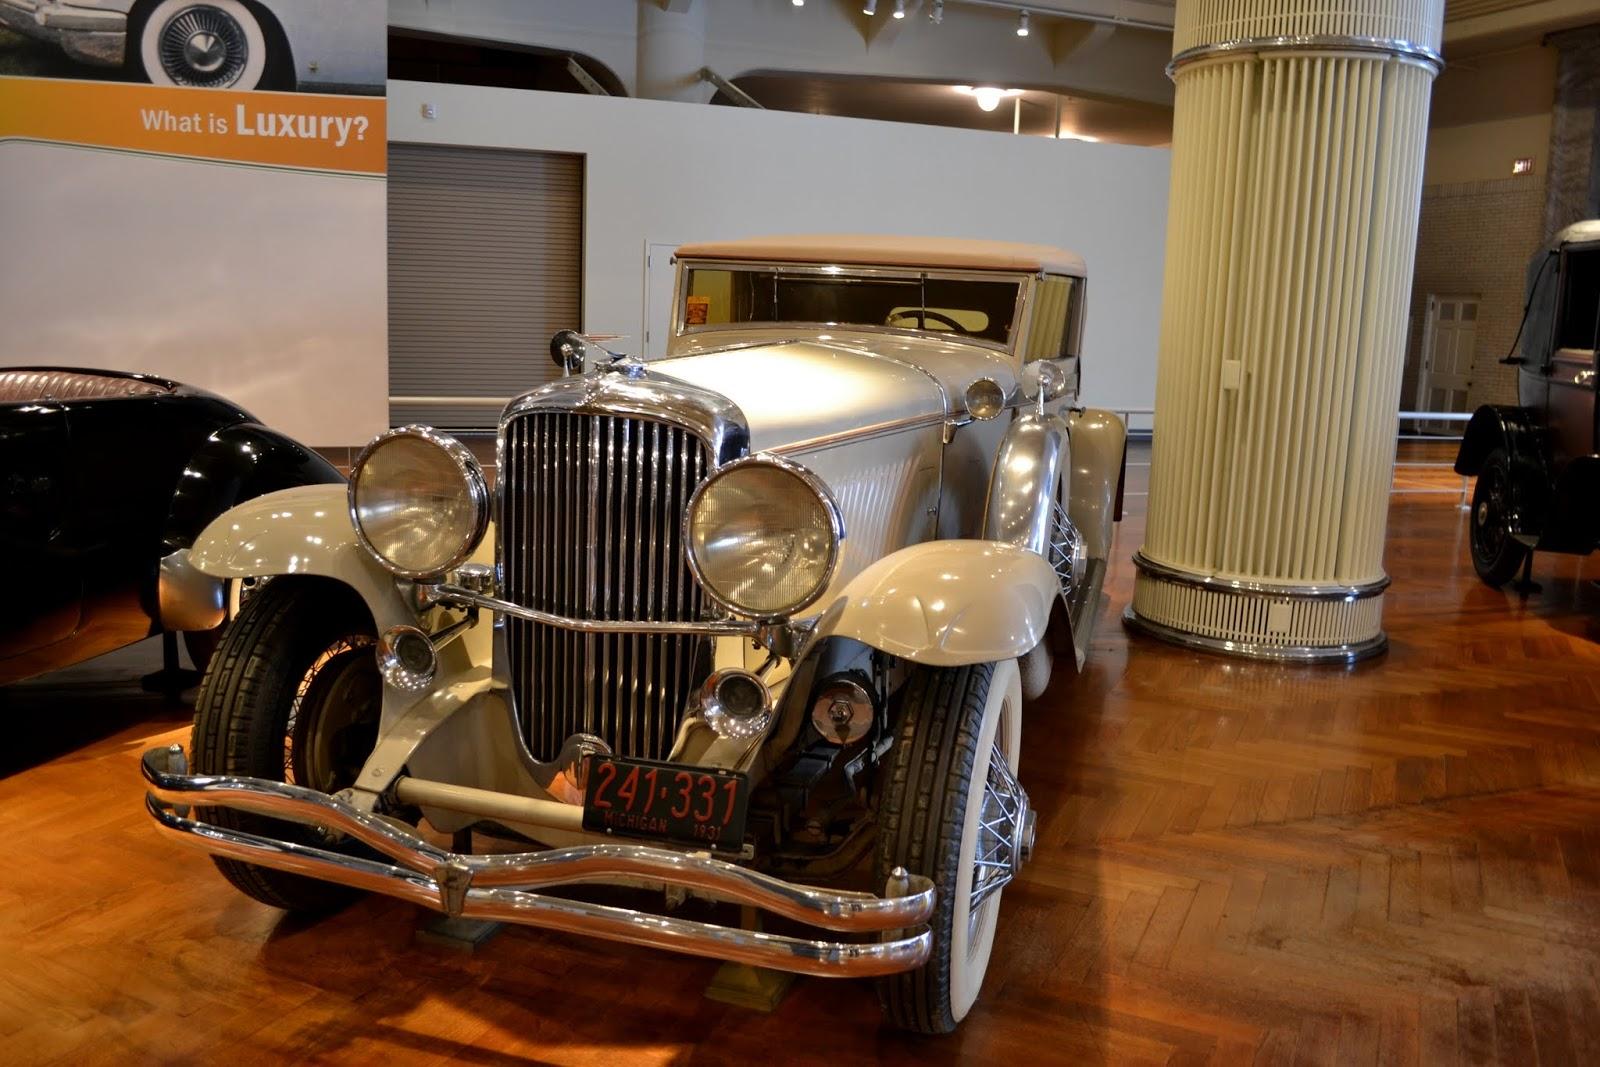 1931 Duesenberg Model J, музей Генри Форда. Дирборн, Мичиган (Henry Ford Museum, Dearborn, MI)